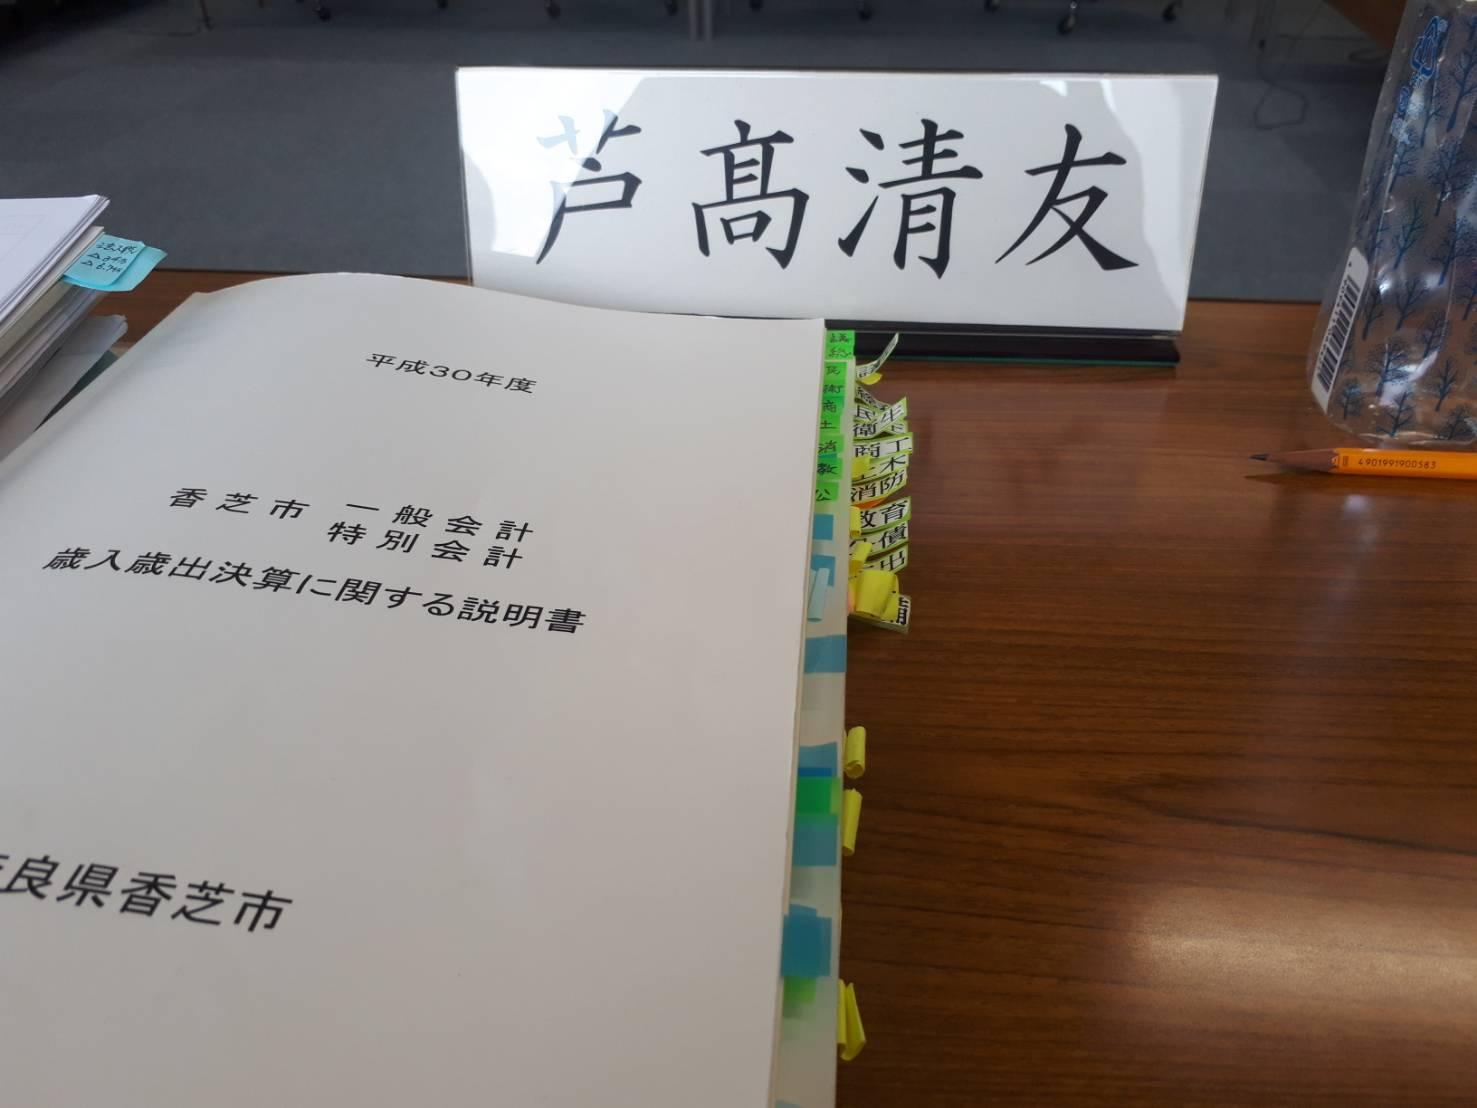 決算特別委員会・二日目@香芝市議会